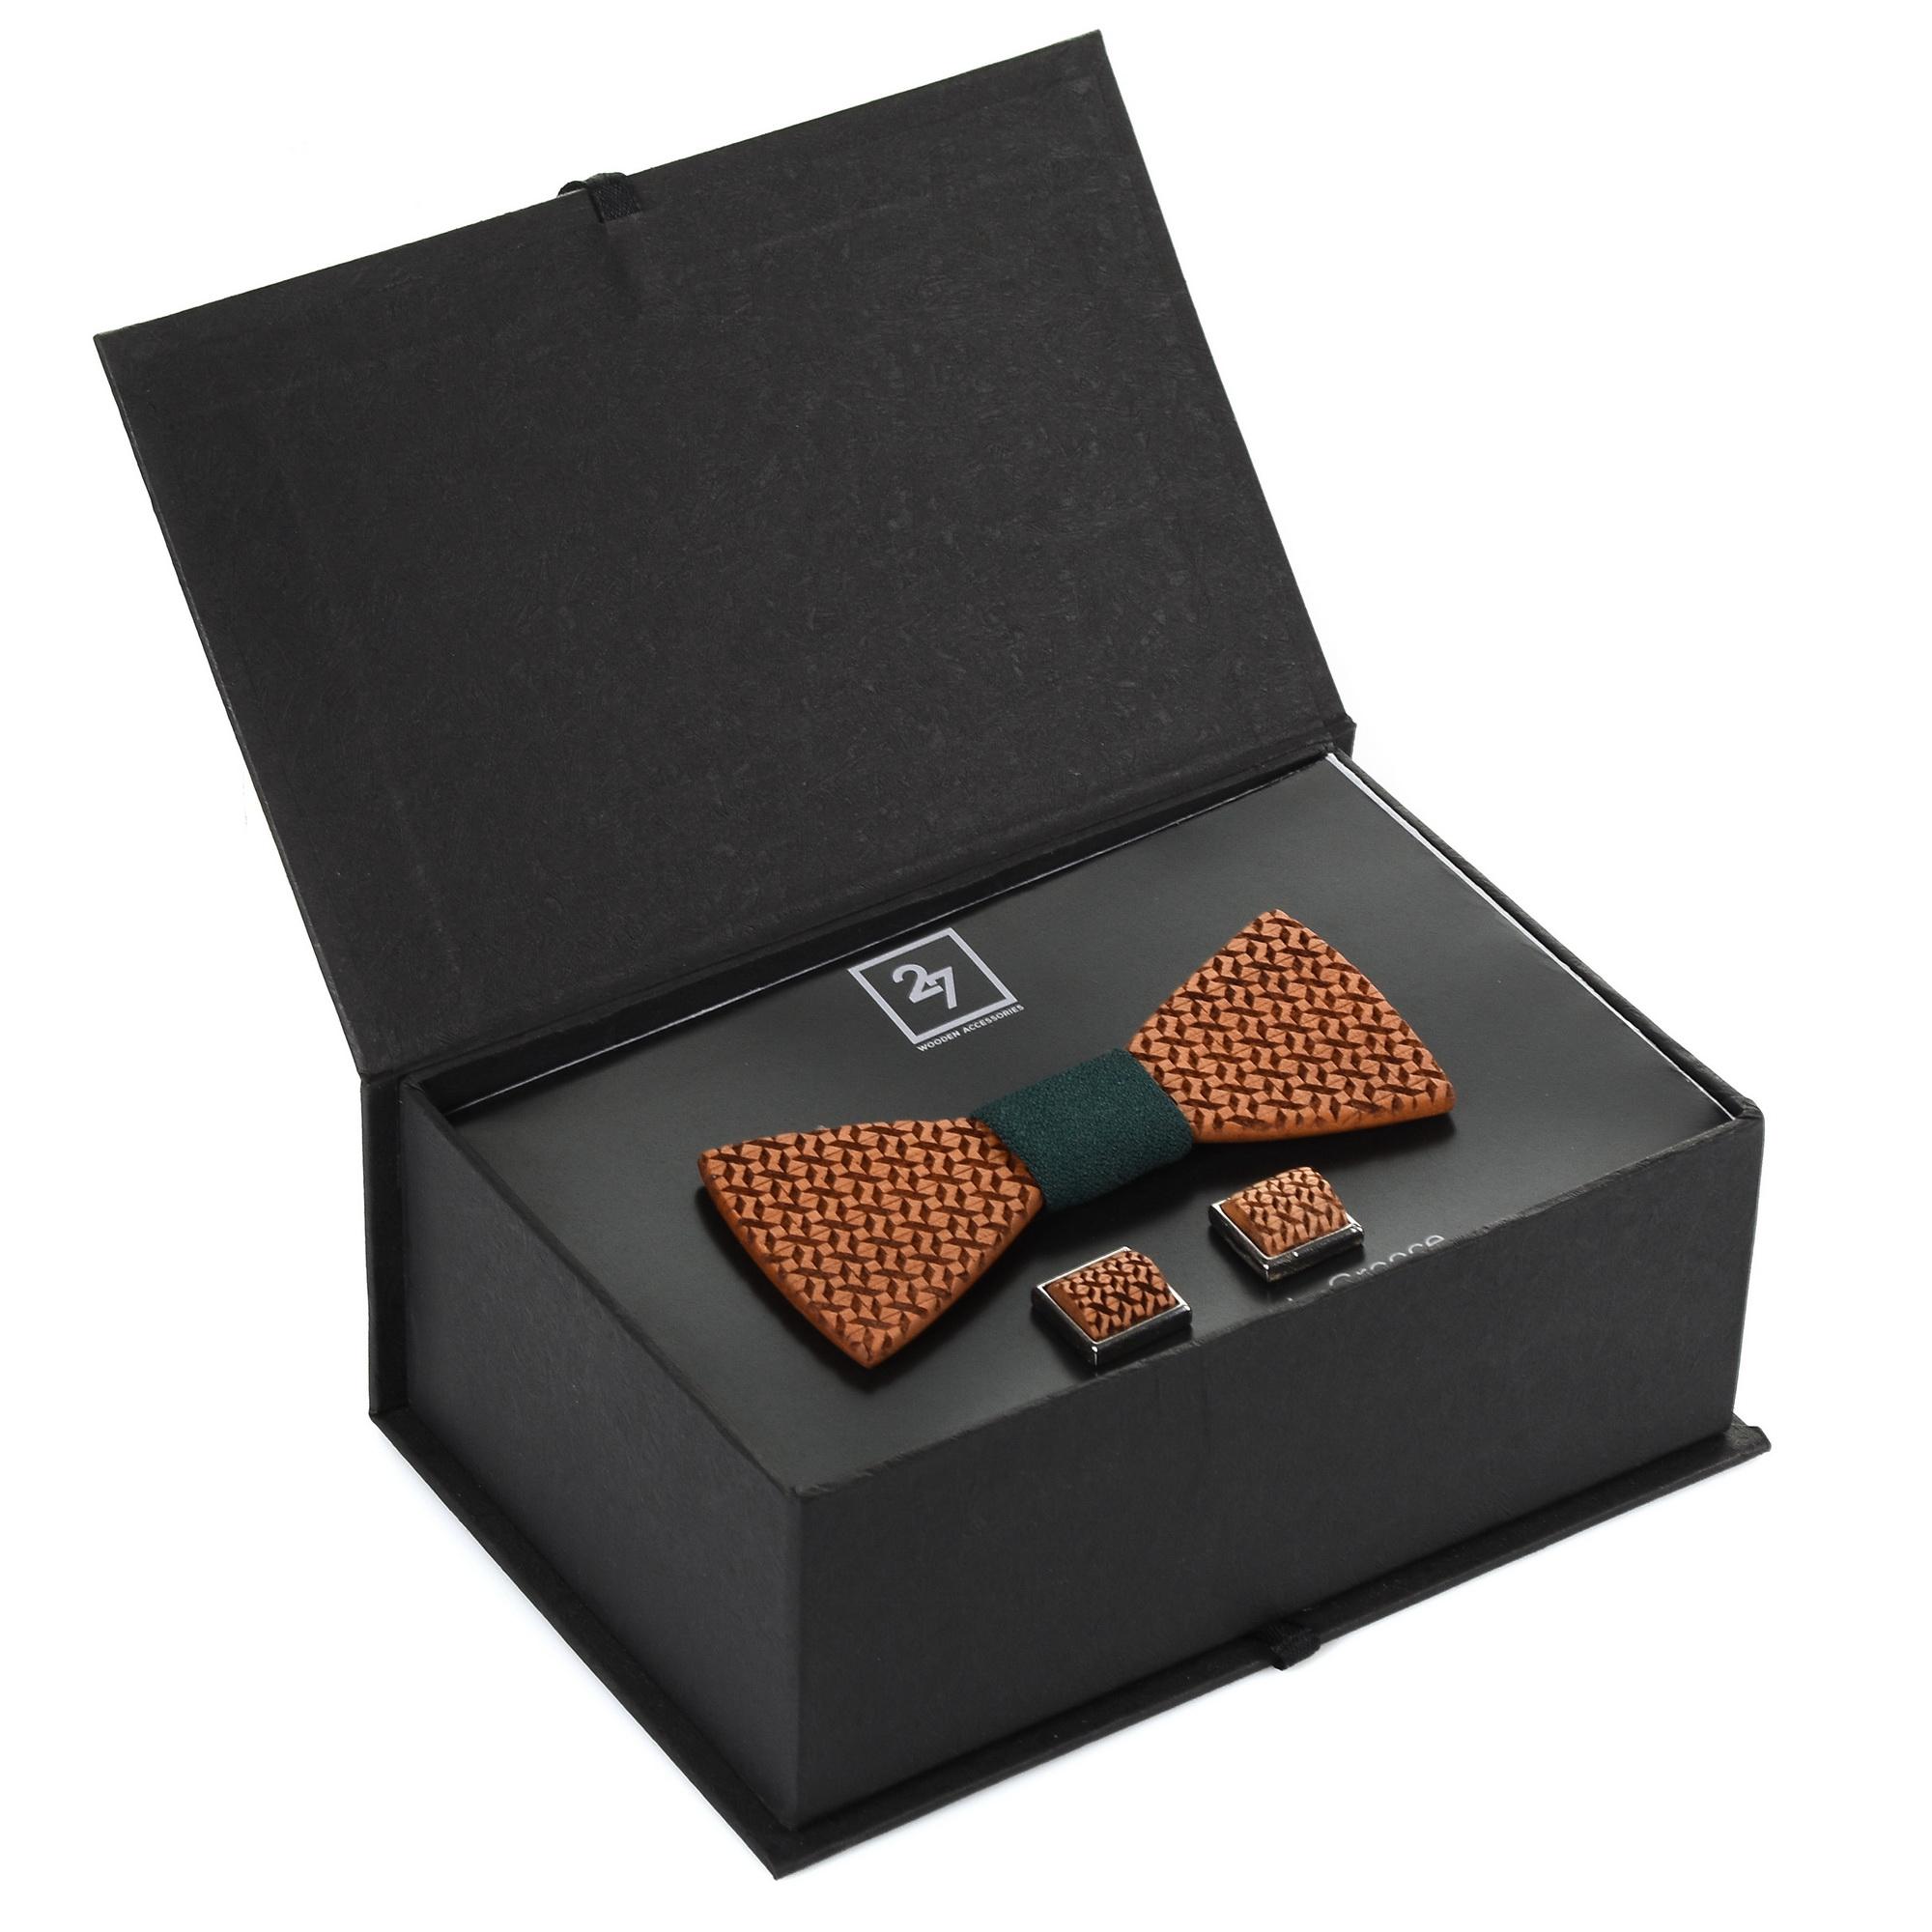 Σετ Δώρου Παπιγιόν-Μανικετόκουμπα 27 Wooden Accessories 018098 ανδρας   παπιγιόν